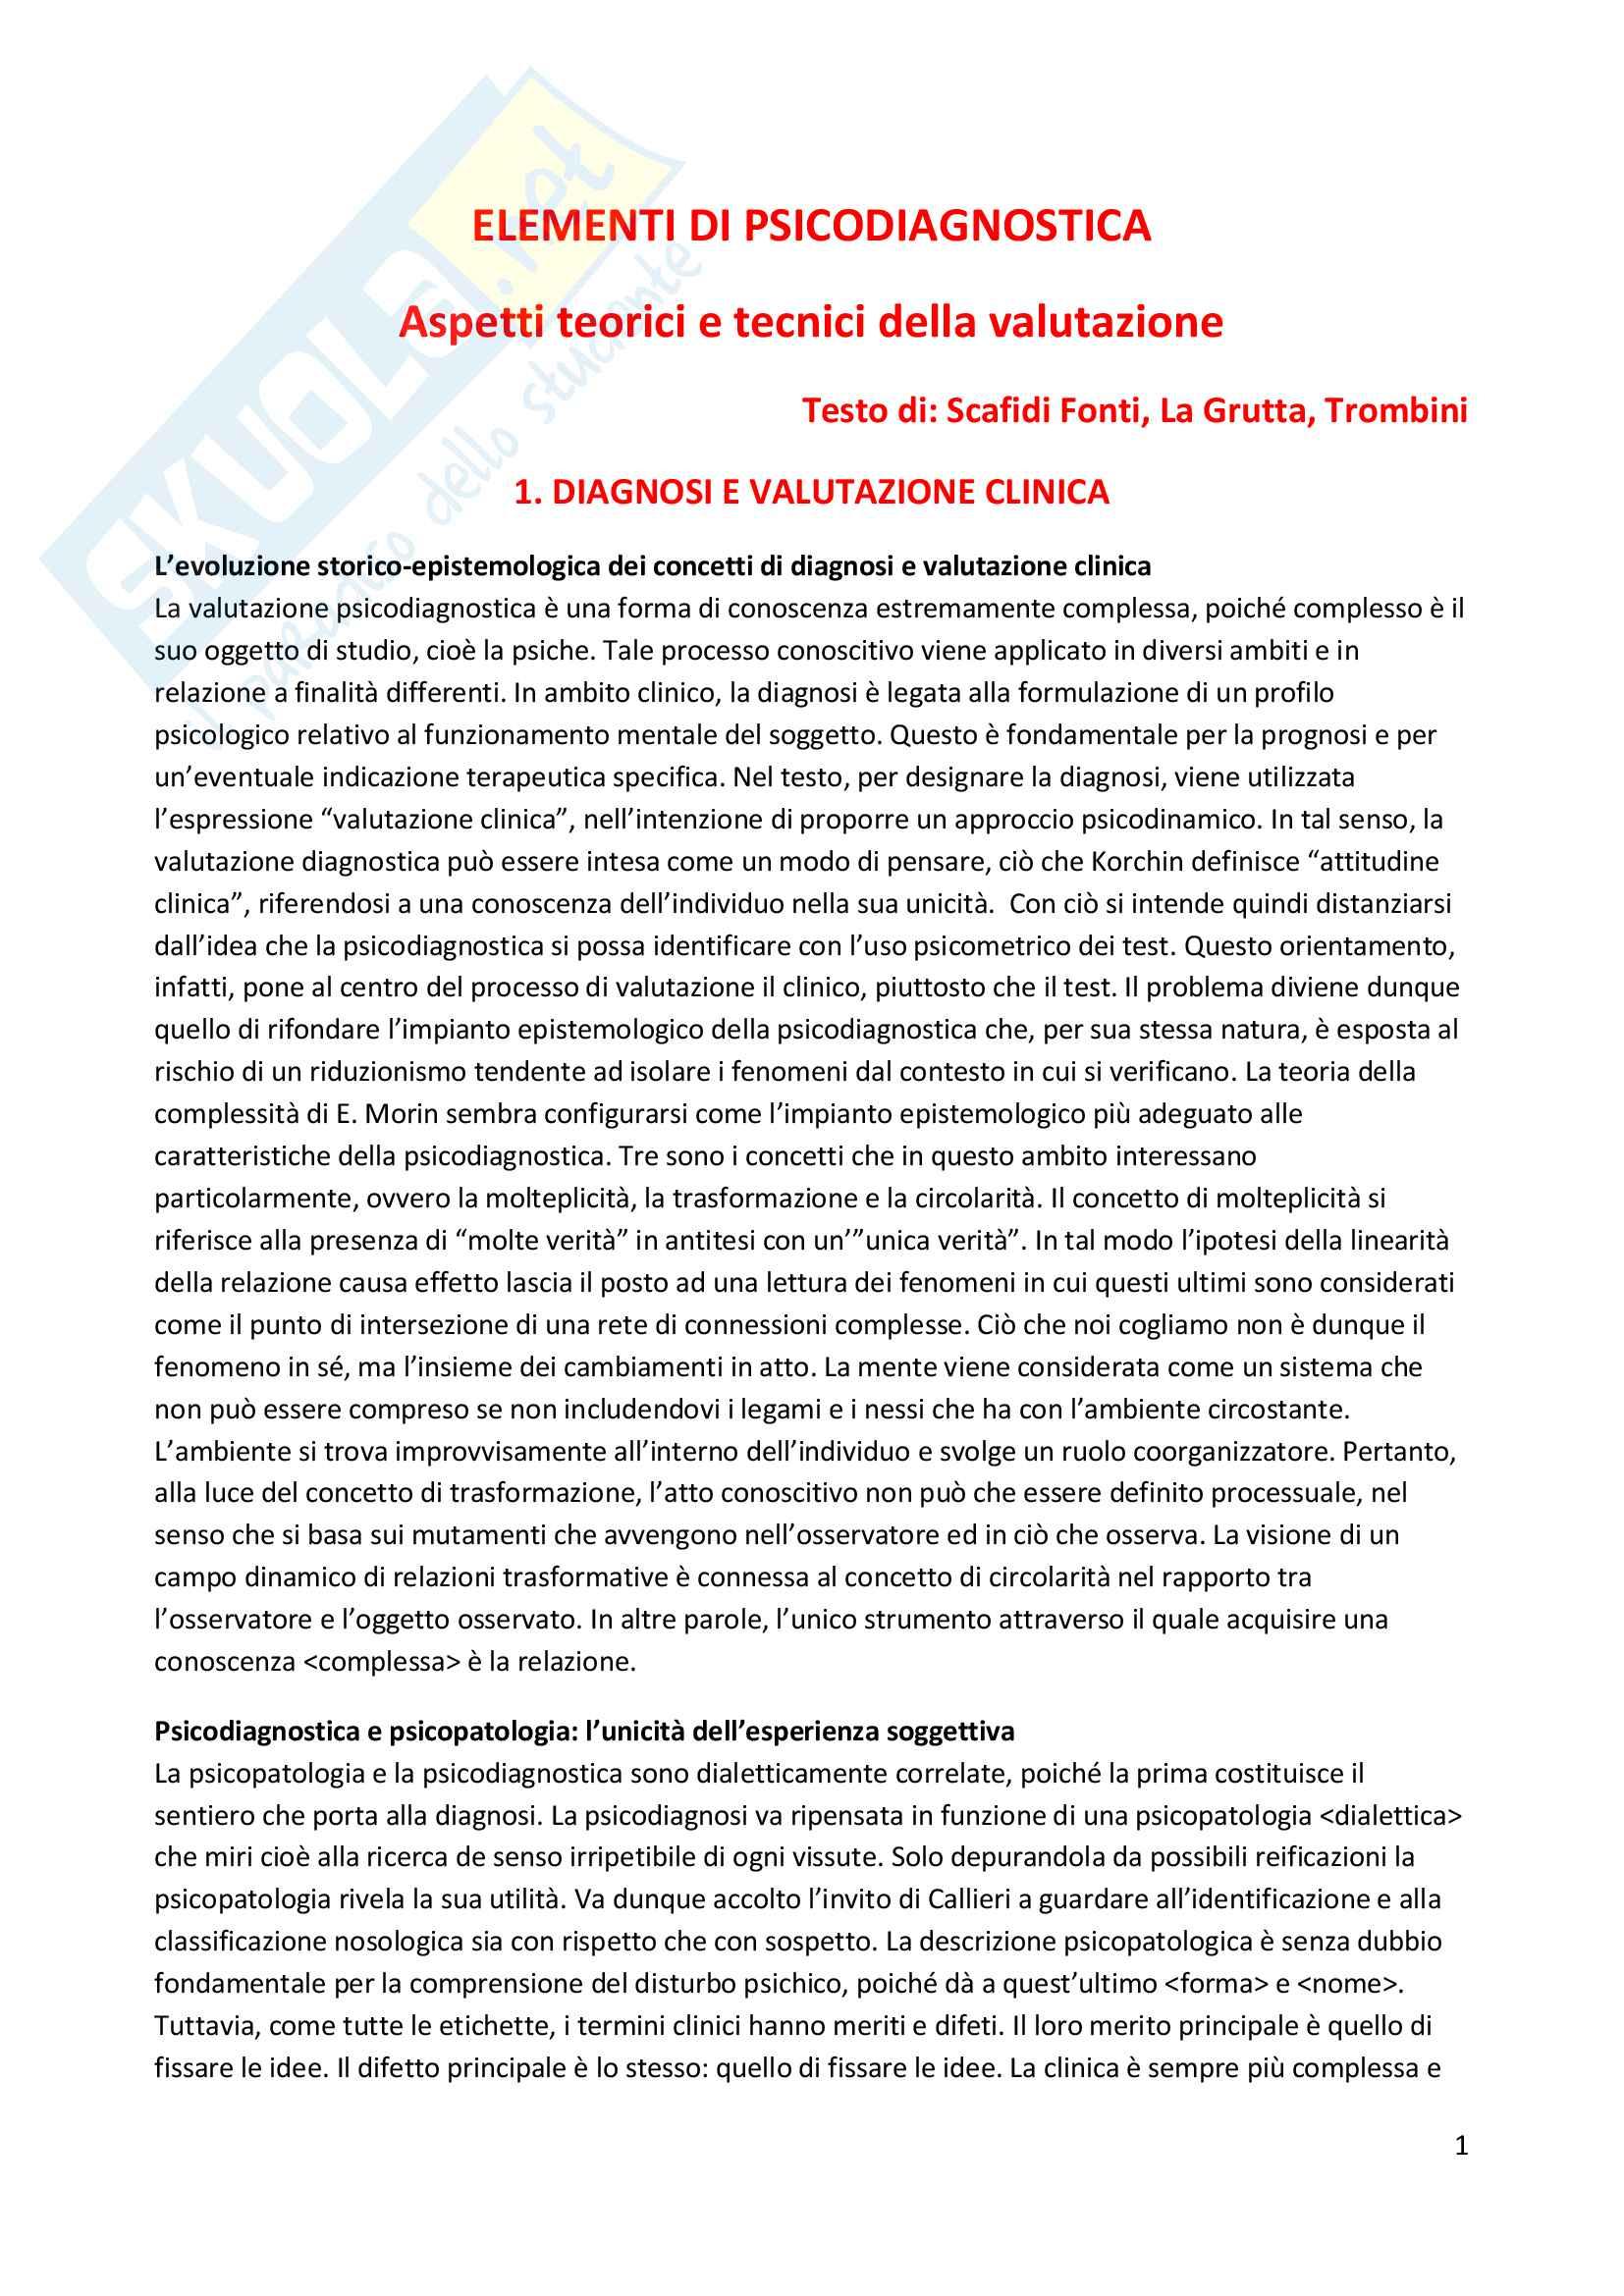 Riassunto esame Psicodiagnostica e psicopatologia, prof. La Grutta, libro consigliato Elementi di psicodianostica. Aspetti teorici e tecnici della valutazione, Scafidi Fonti, La Grutta, Trombini